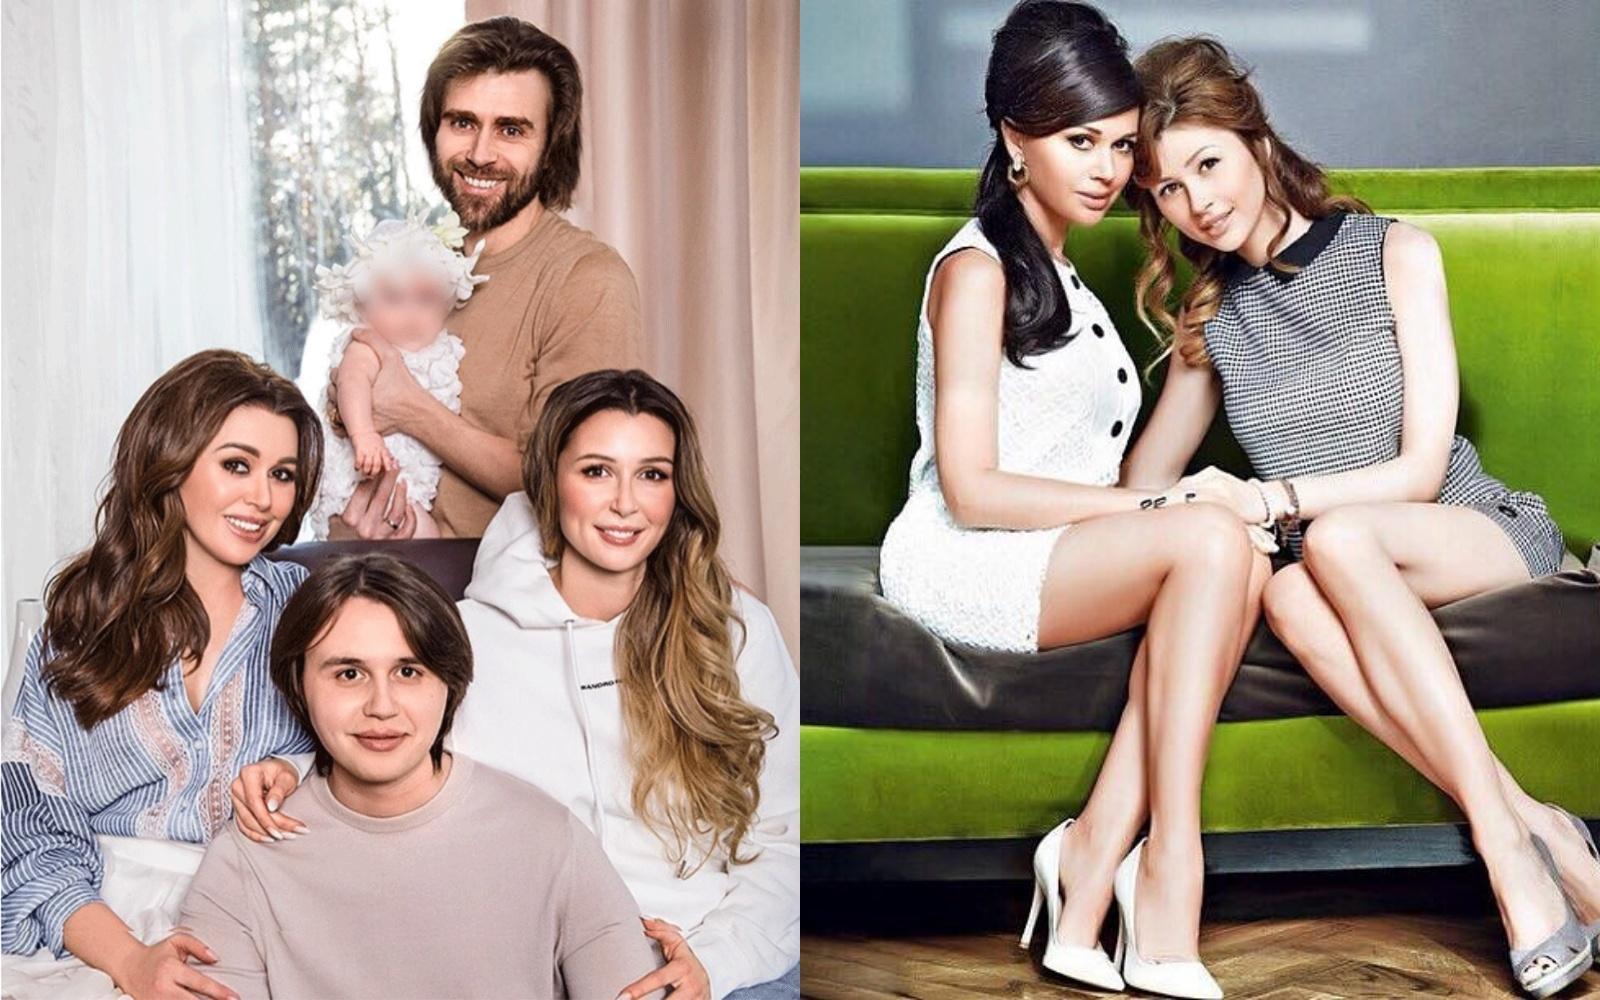 Слева —Анастасия с детьми и мужем, справа — актриса с дочерью Анной. Фото © Instagram / a_zavorotnyuk